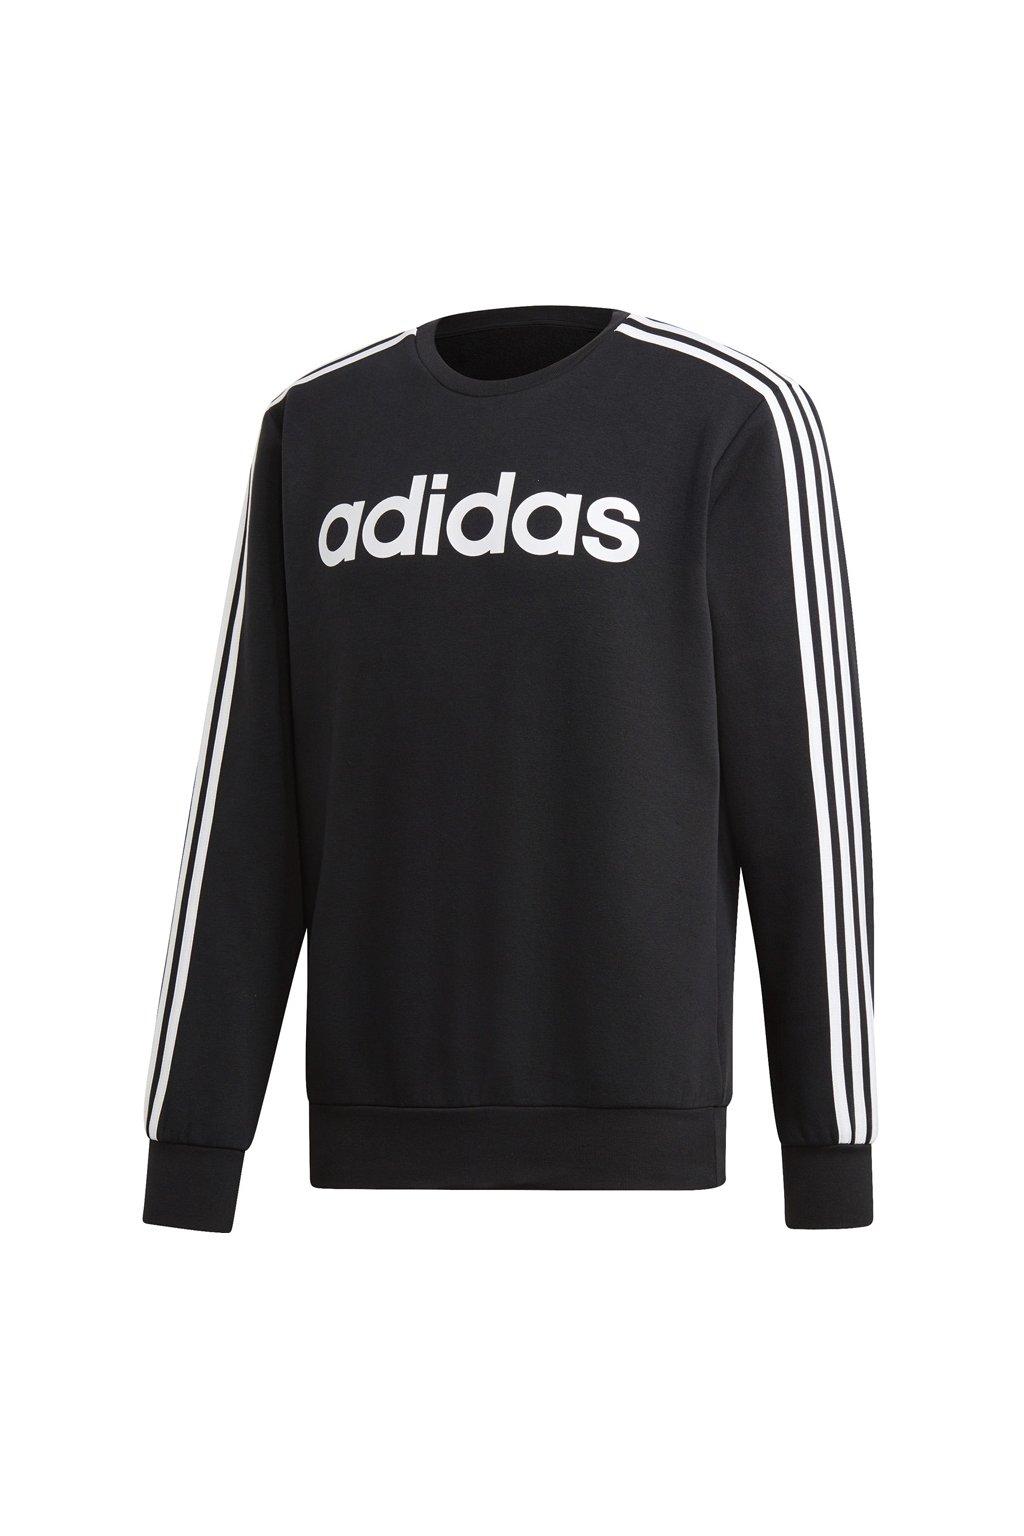 Pánska mikina Adidas Essentials 3S Crew FL / čierna DQ3084